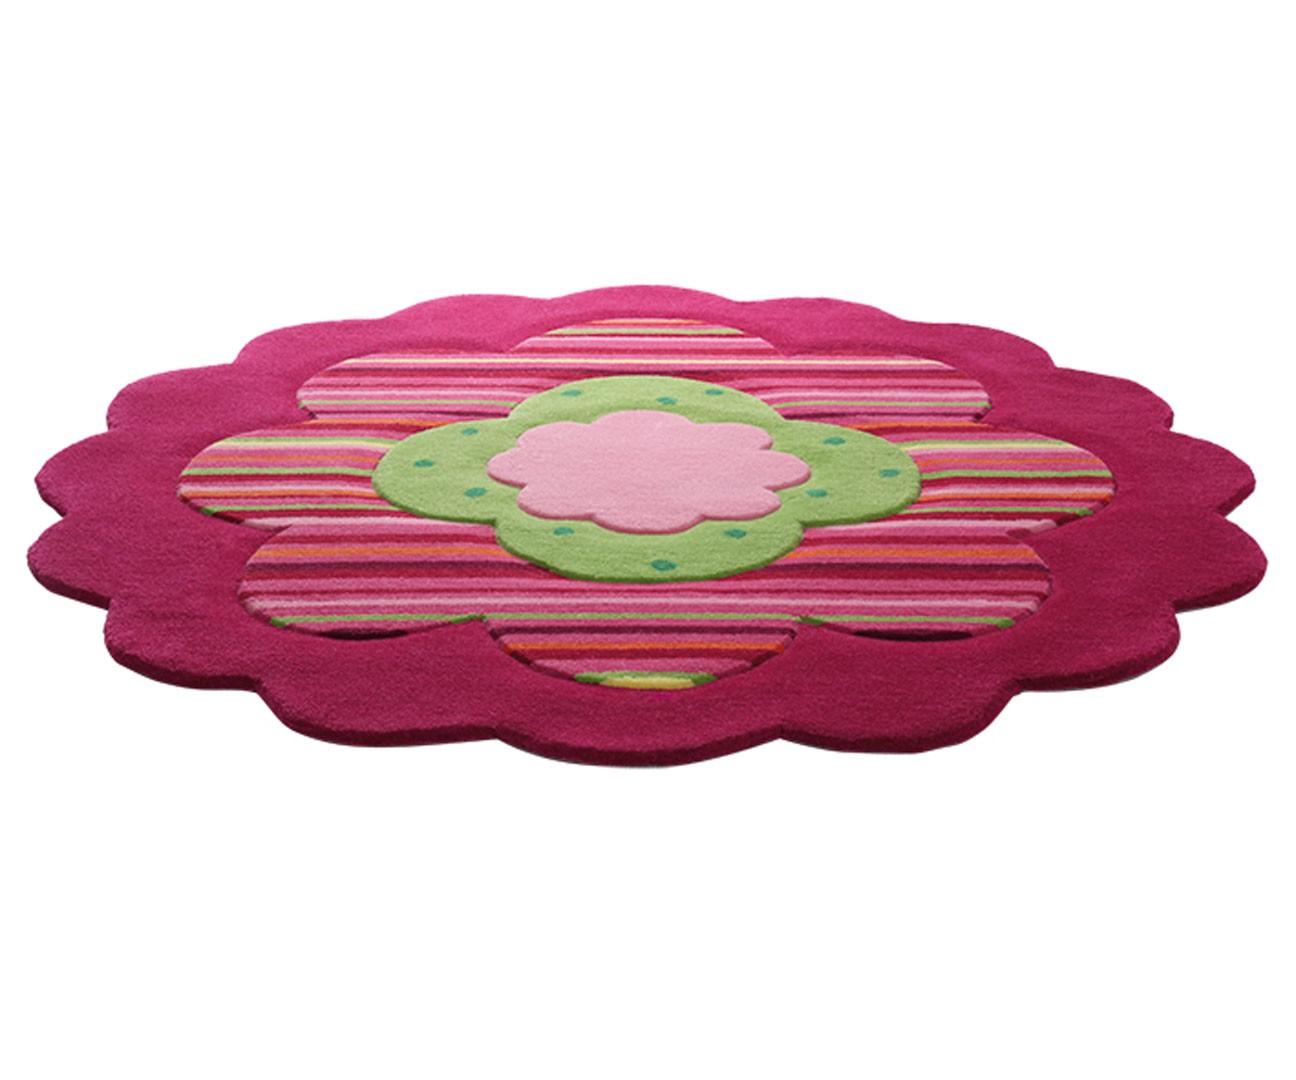 Tapis pour chambre de fille rose flower shapes par esprit home for Tapis pour chambre de fille